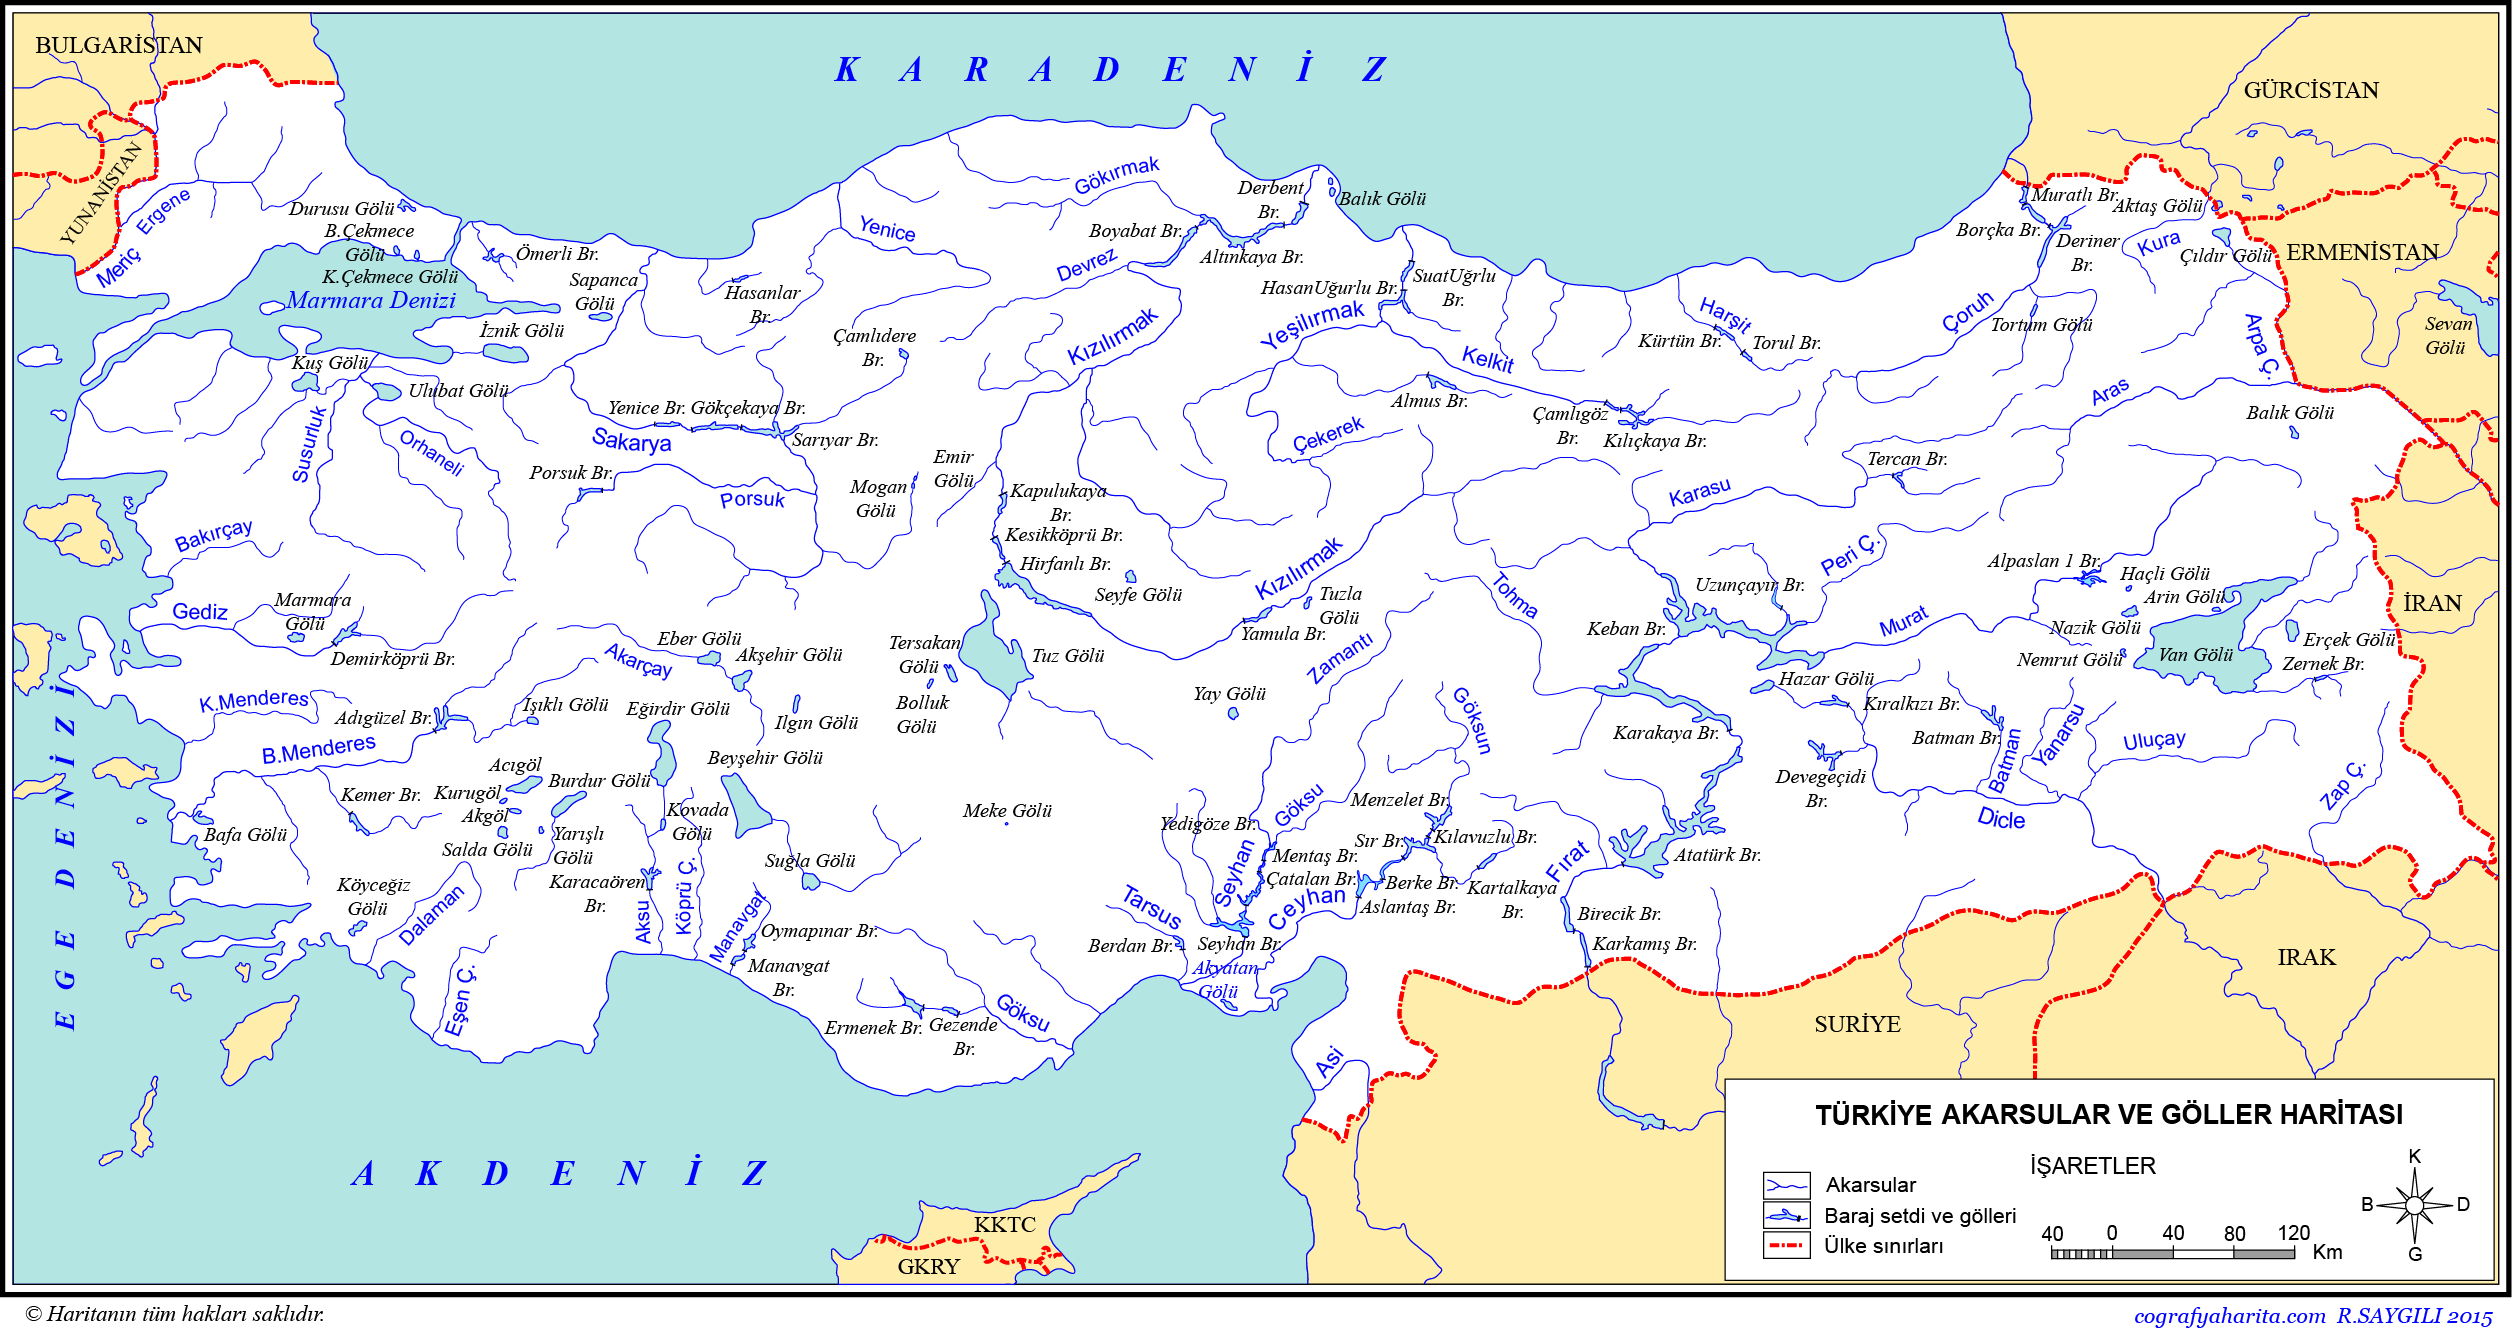 Türkiye Akarsular ve Göller Haritası 2